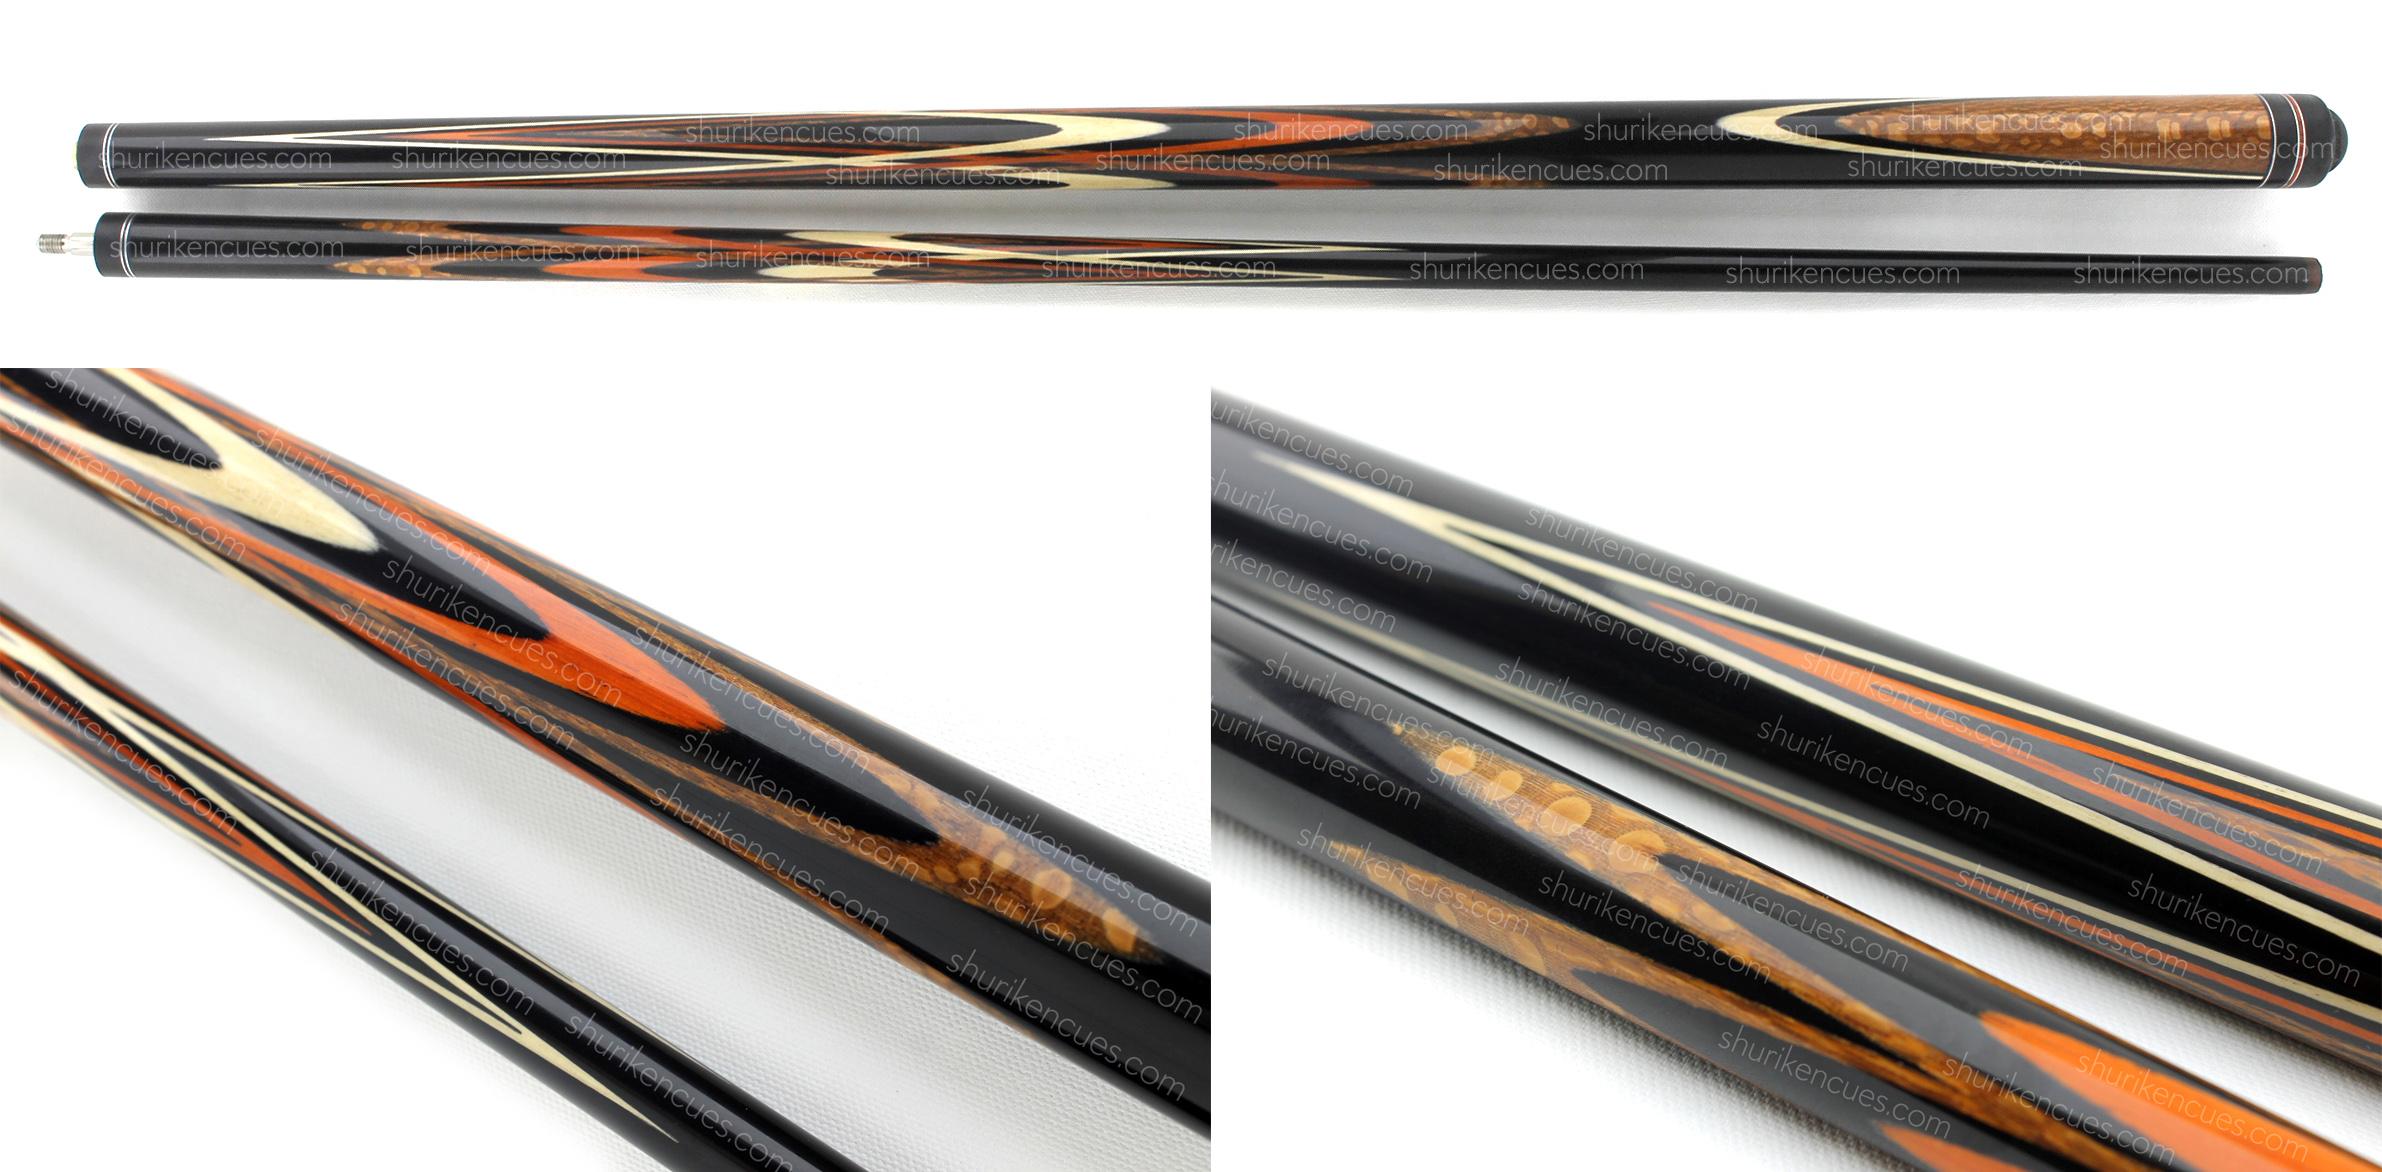 title-big fullsplice cue lacewood cue lacewood pool cue lacewood custom cue lacewood cue exlusive cue professional cue rare cue premium cue